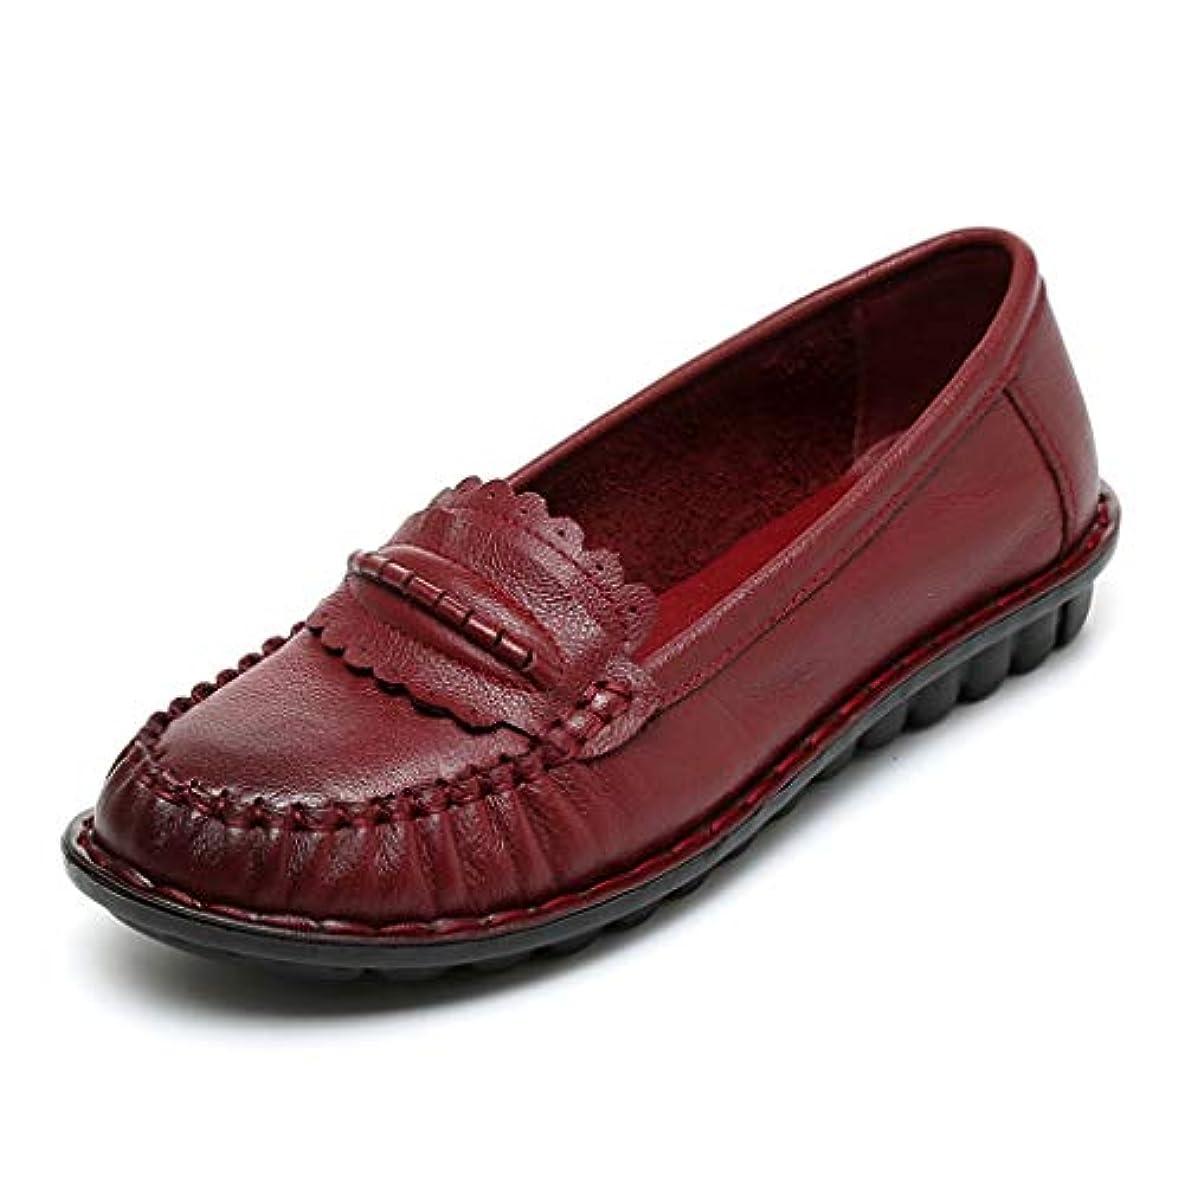 スロベニアまたシャワー[実りの秋] シニアシューズ レディース 26.0CMまで お年寄りシューズ 疲れにくい 滑り止め 婦人靴 モカシン 介護用 軽量 安定感 通気性 高齢者 母の日 敬老の日 通年